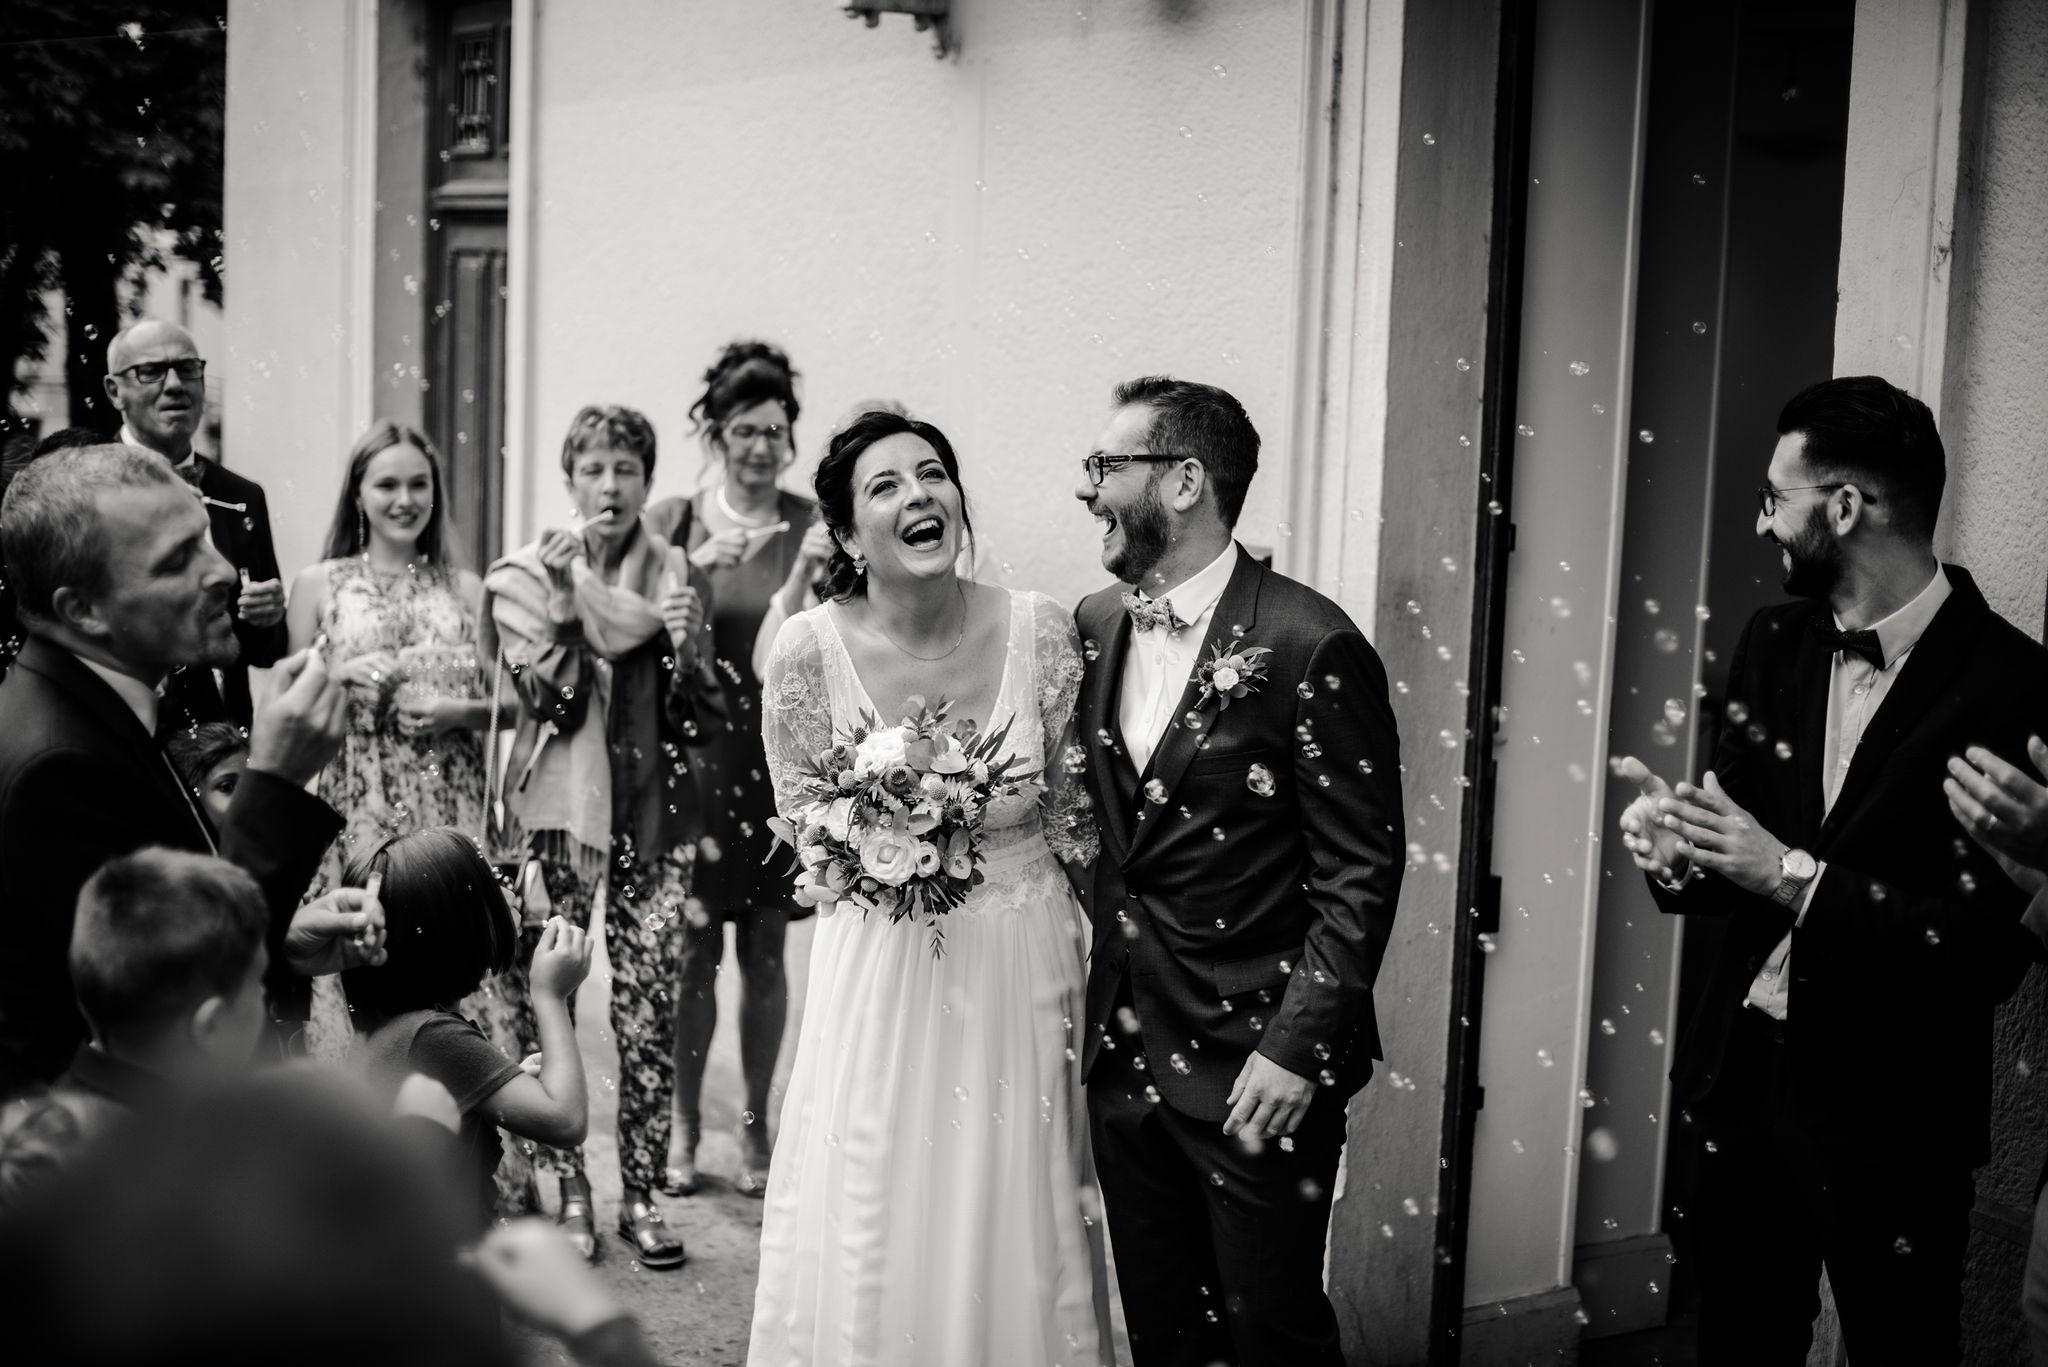 Léa-Fery-photographe-professionnel-lyon-rhone-alpes-portrait-creation-mariage-evenement-evenementiel-famille-6432.jpg